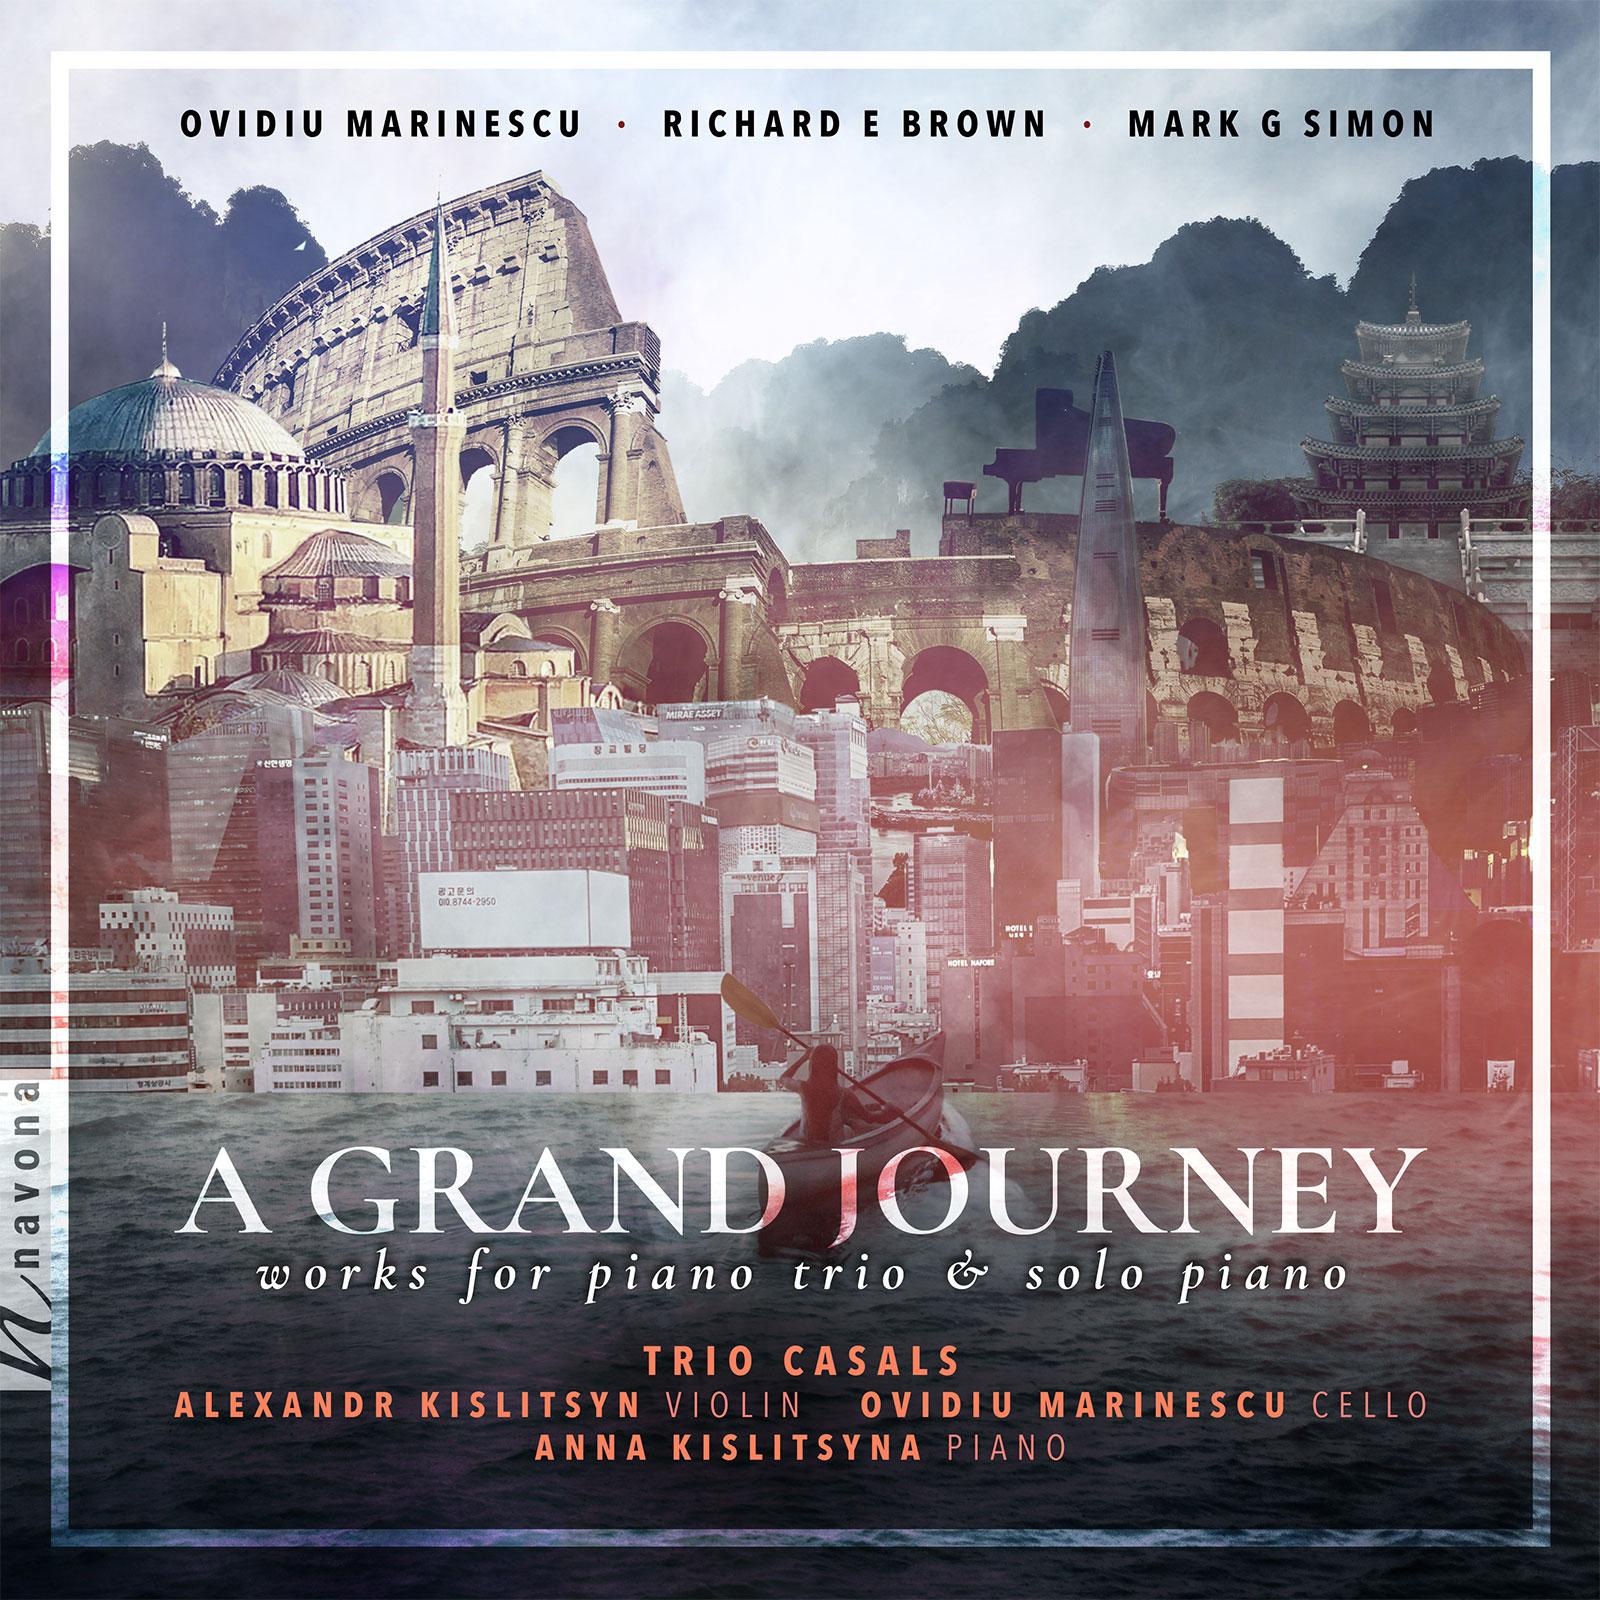 A Grand Journey - Album Cover